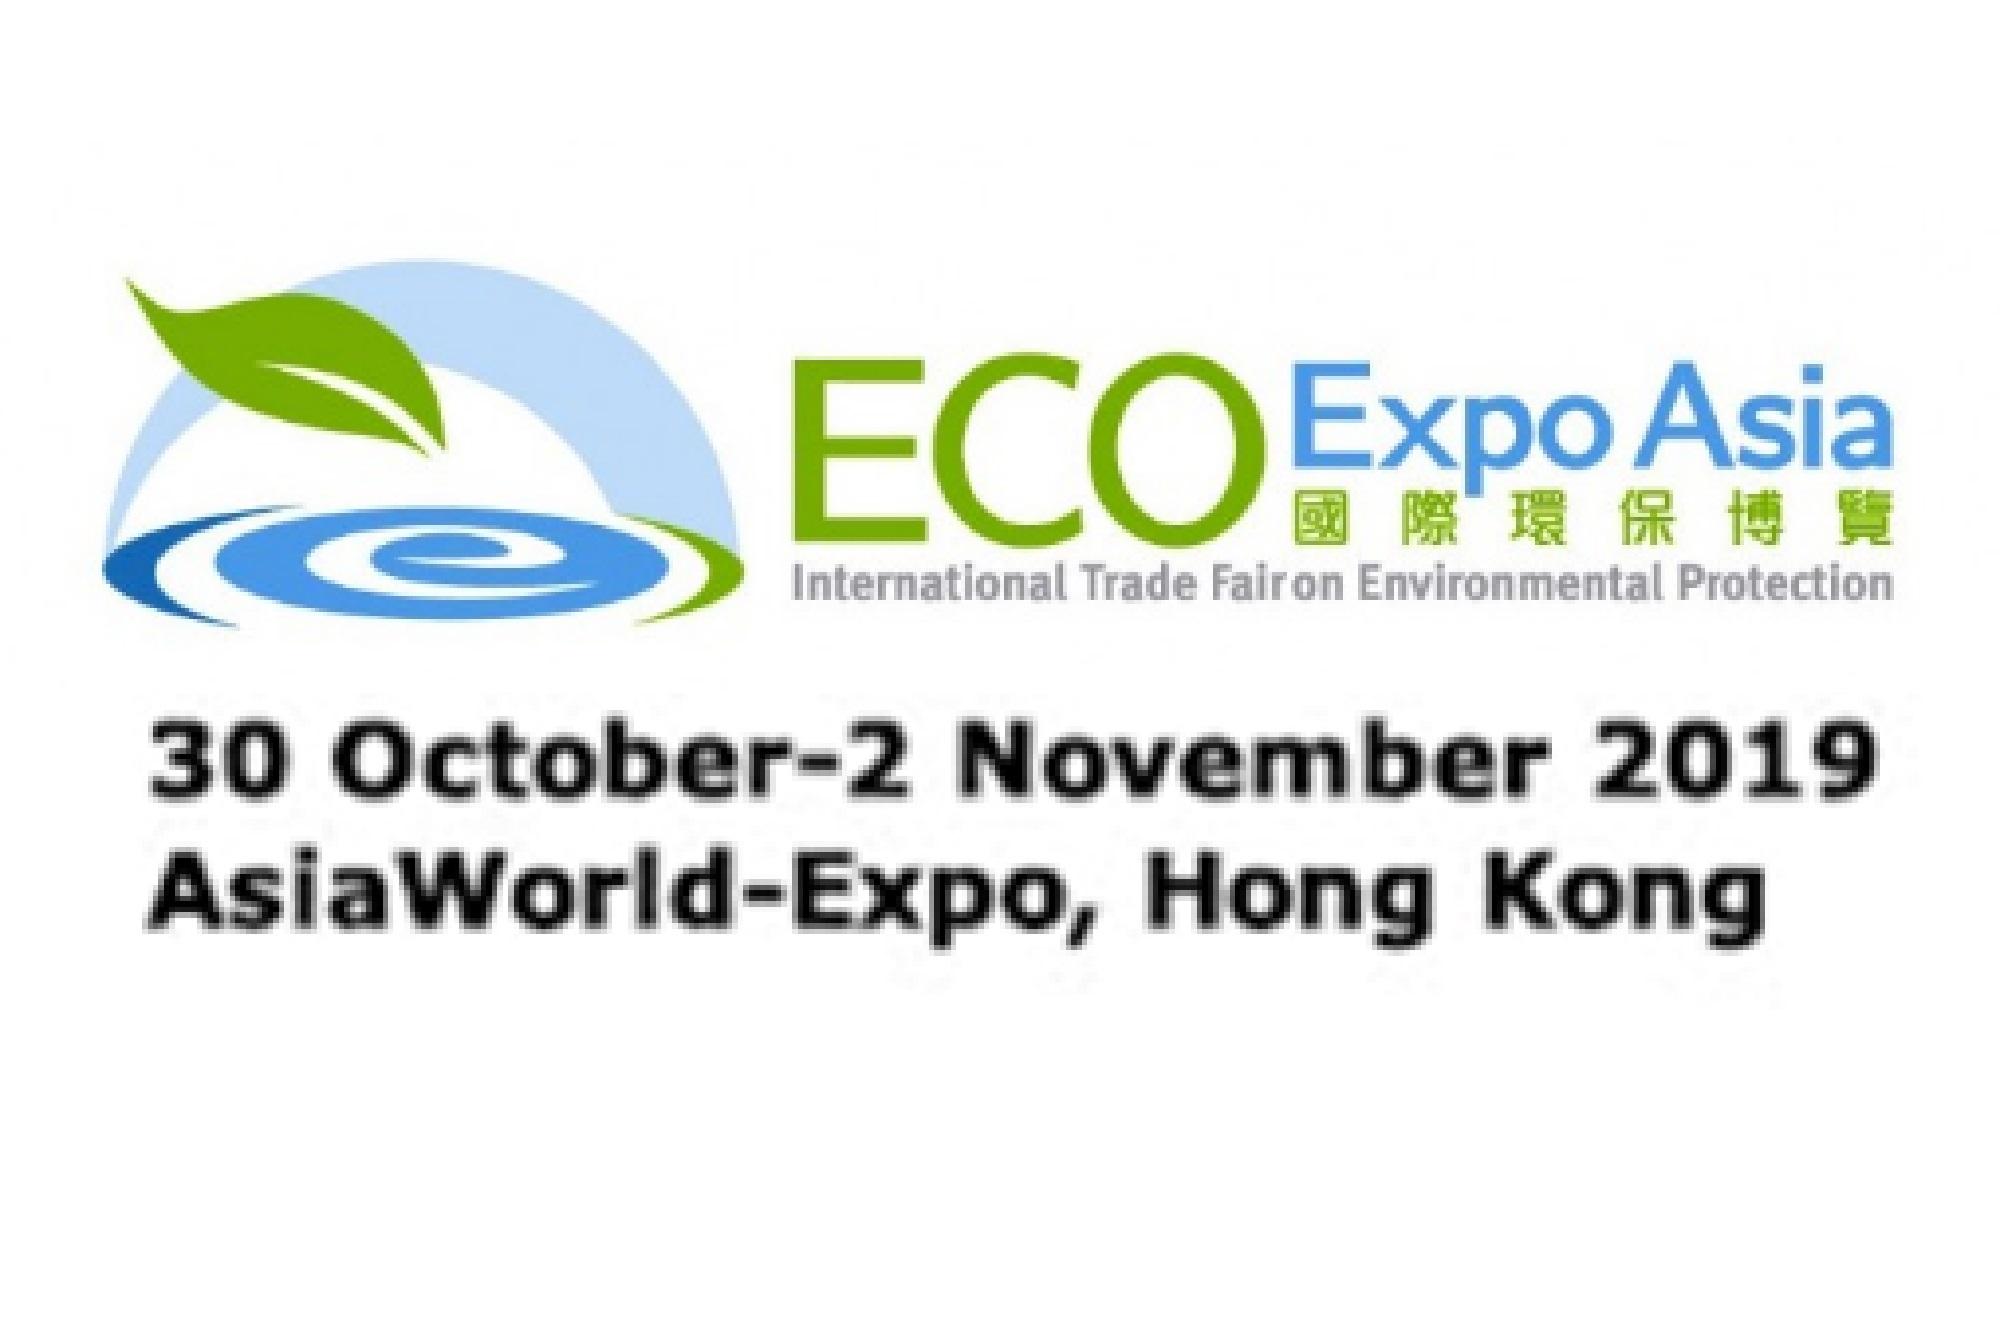 國際環保博覽2019 | 10月30日至11月2日 | 香港亞洲國際博覽館